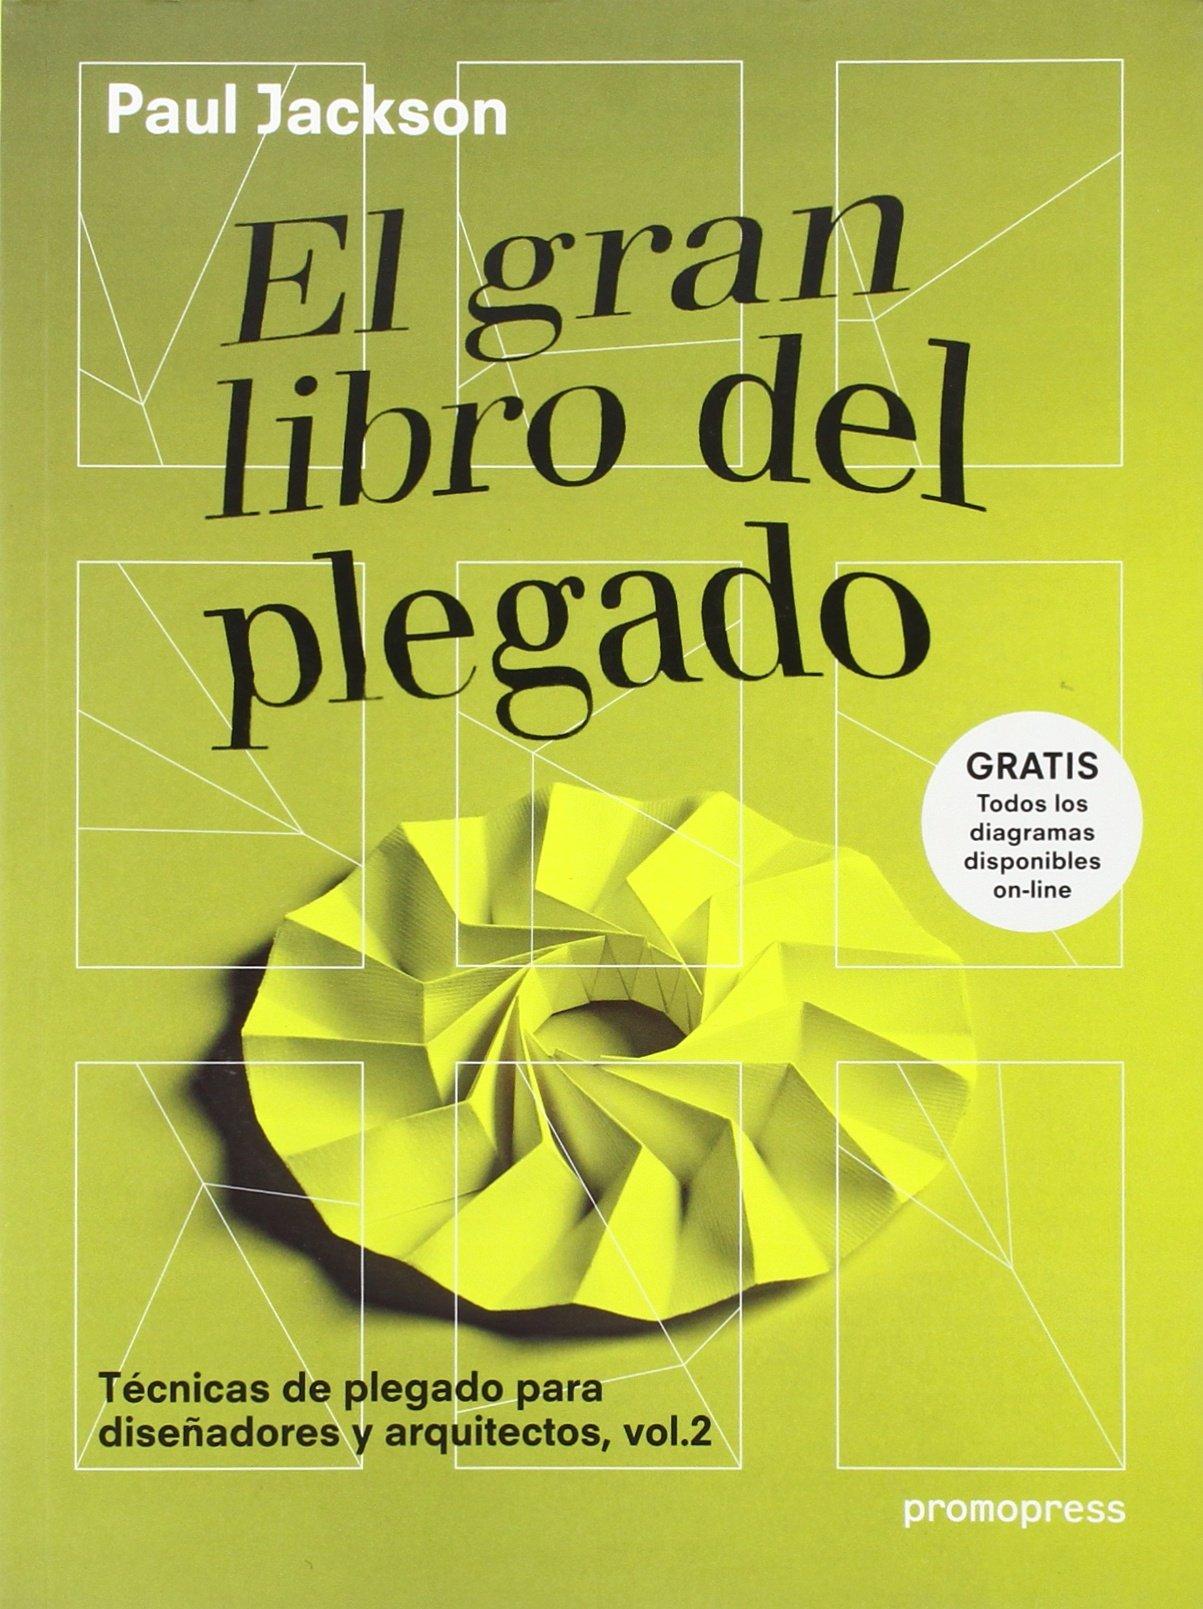 El gran libro del plegado: Técnicas de plegado para diseñadores y arquitectos, vol.2: Amazon.es: Paul Jackson, Jesús De Cos Pinto: Libros